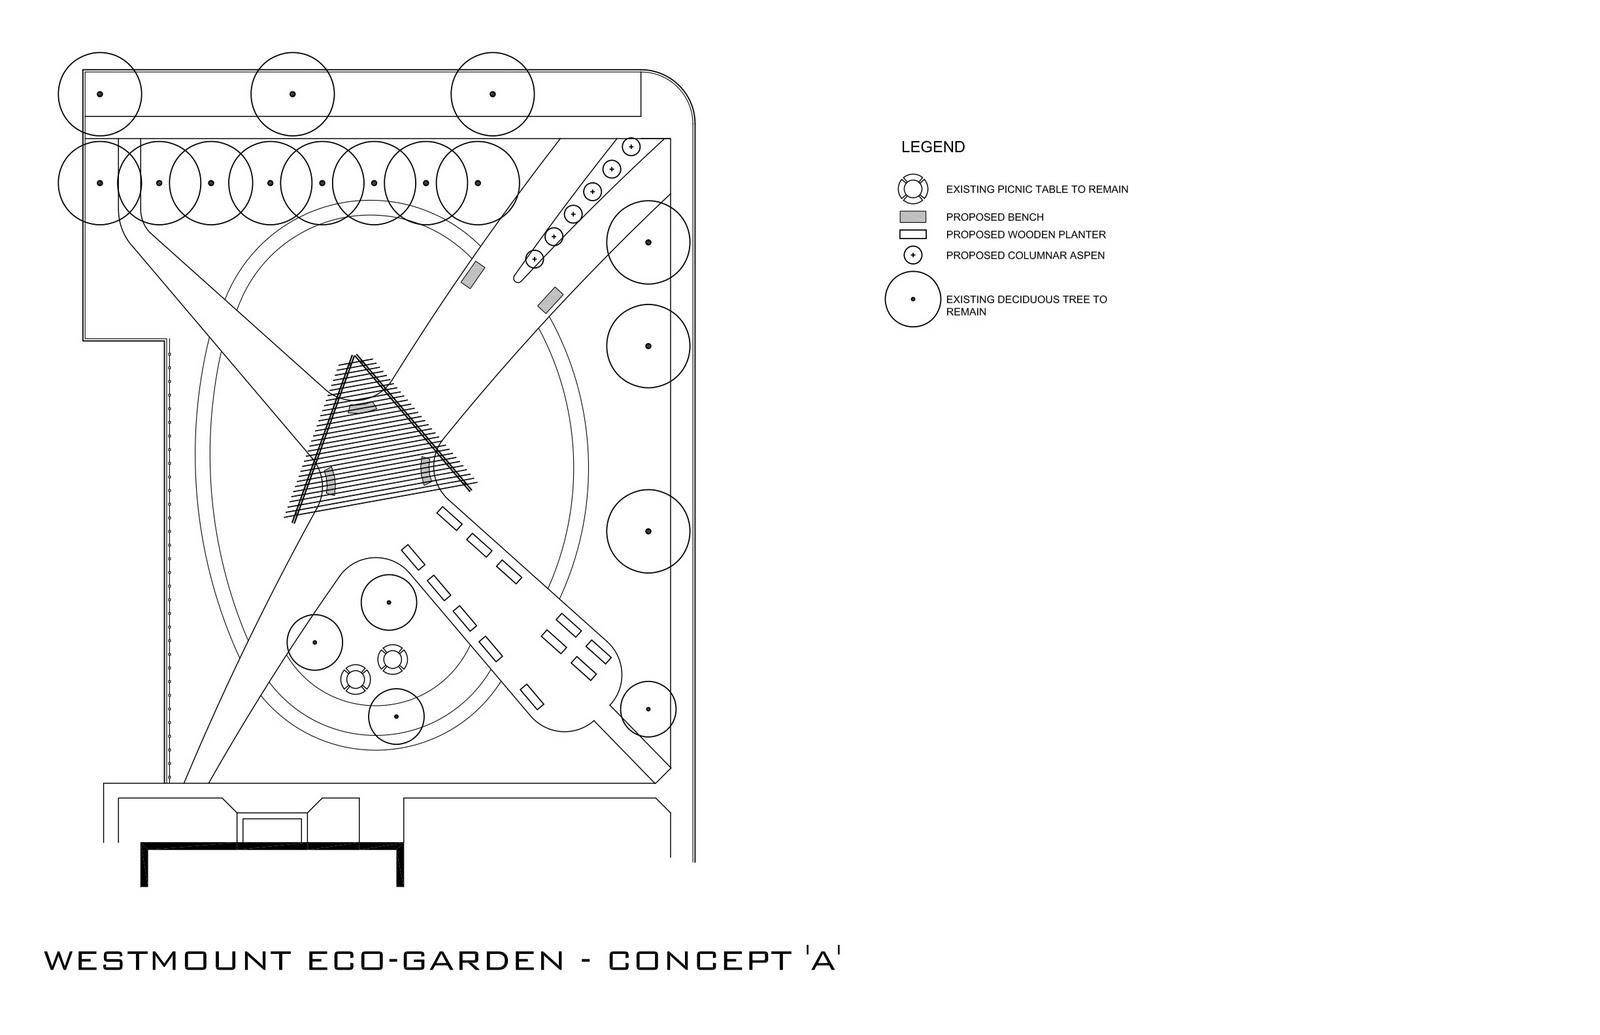 Westmount Eco Garden